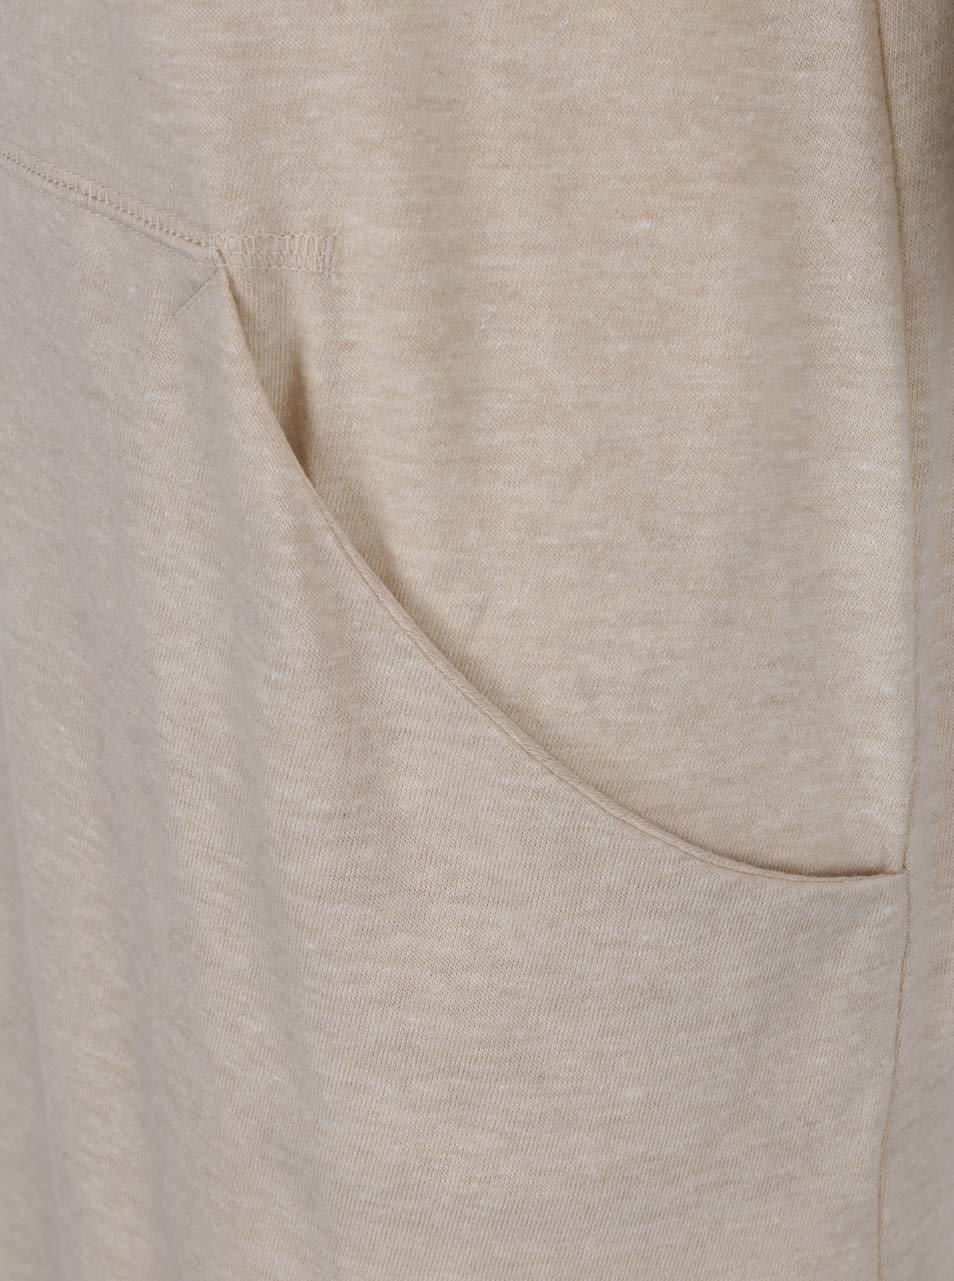 02c0ae6e502 Béžové dámské sportovní šaty bez rukávů Nike ...